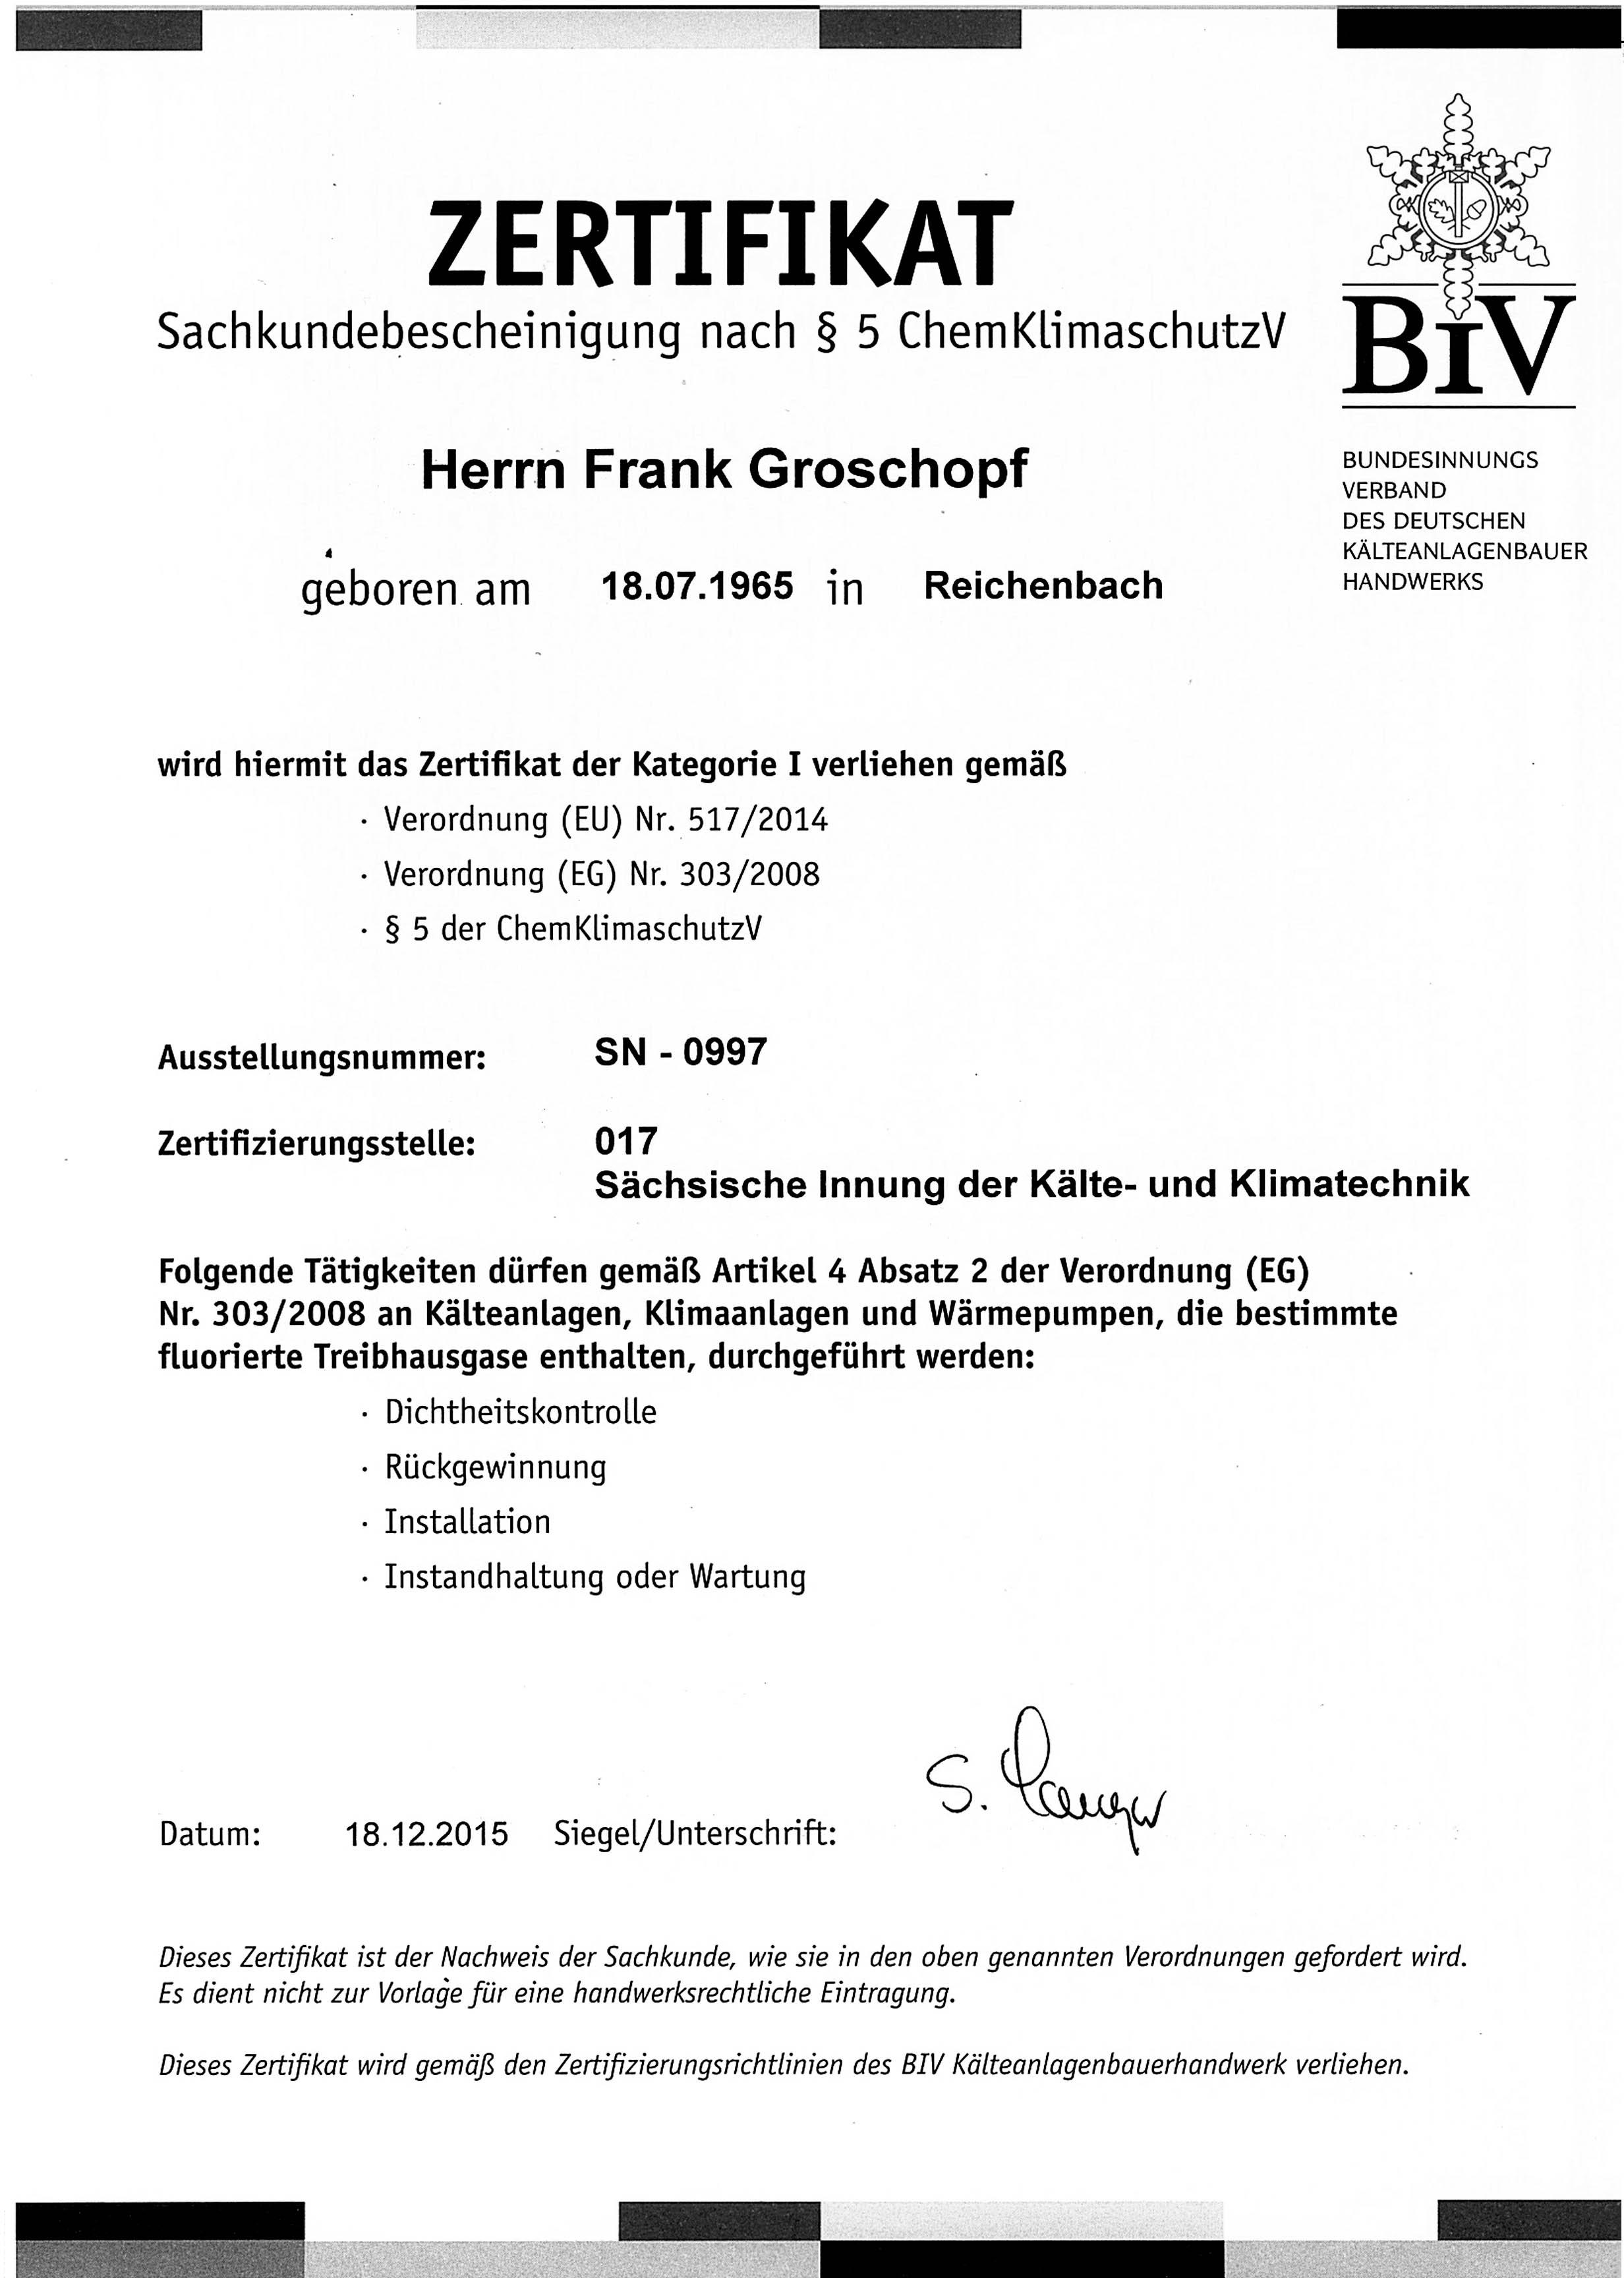 Sachkundebescheinigung nach § 5-ChemklimaschutzV Frank Groschopf